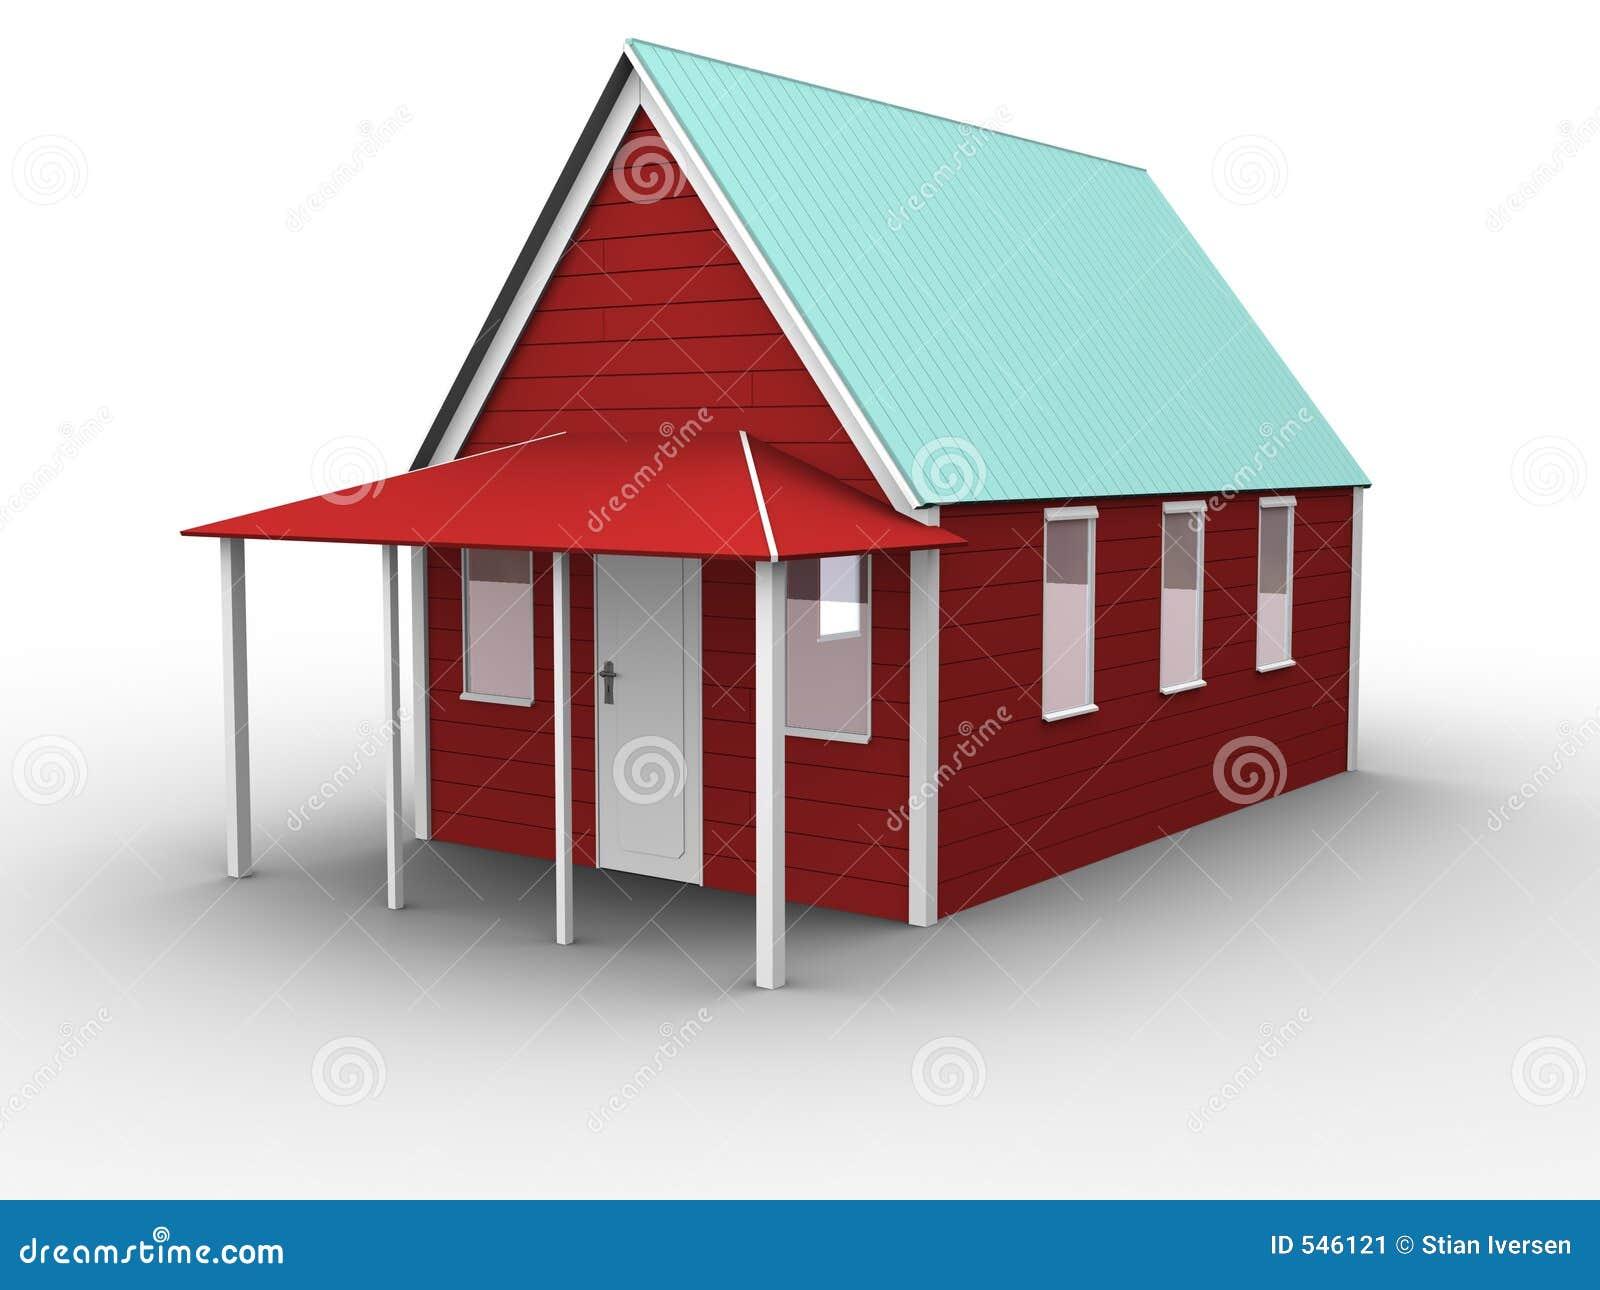 Download 01个房子红色 库存例证. 插画 包括有 空间, 宫殿, 可实现, 现代, 木匠, 村庄, 入口, 编译, 实际 - 546121